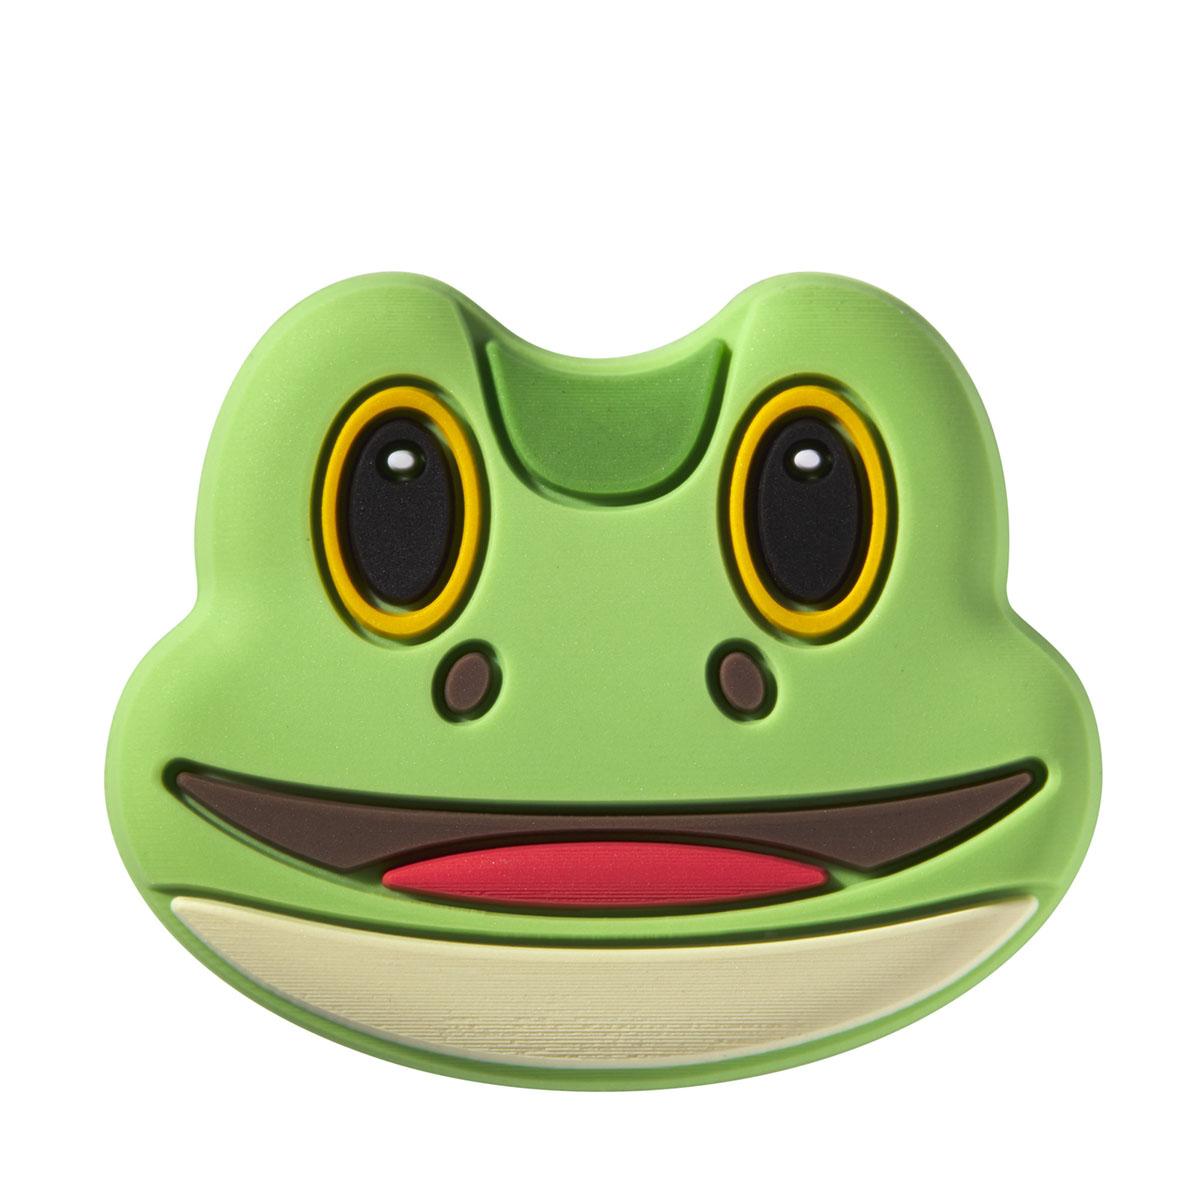 WR8405001_4_Animal_Dampener_Box_Frog.png.cq5dam.web.2000.2000